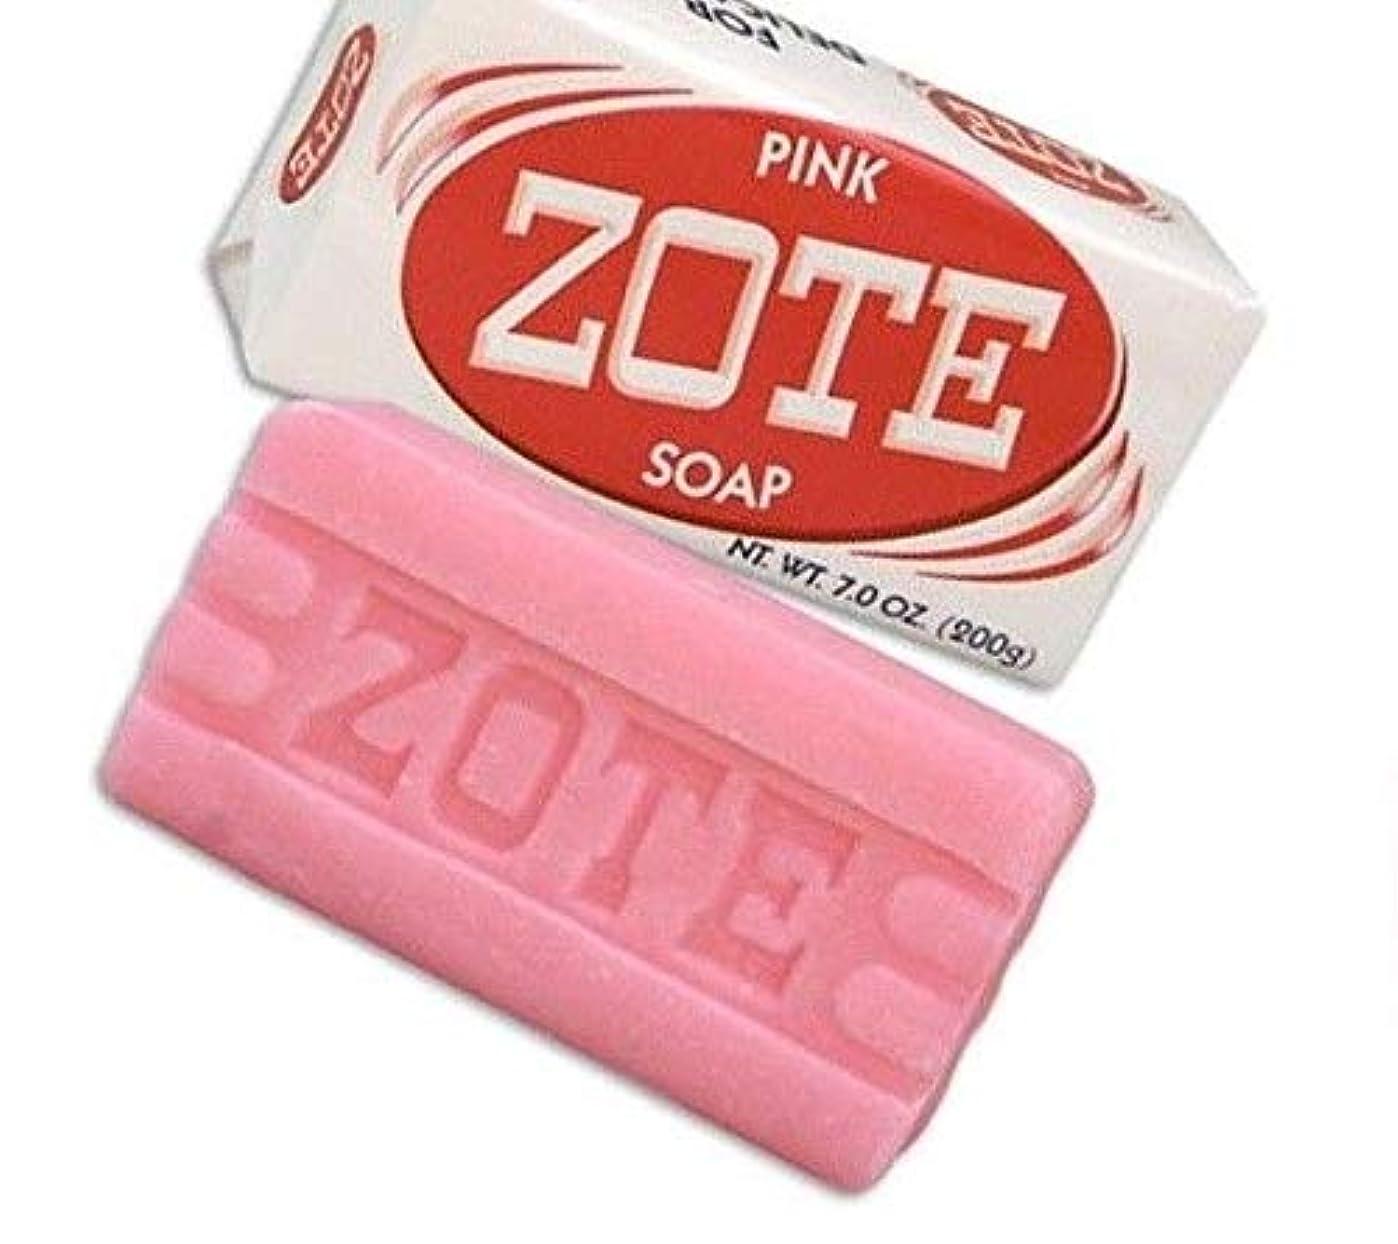 マキシム日焼け演劇Zote Laundry Soap Bar - Pink 7oz by Zote [並行輸入品]